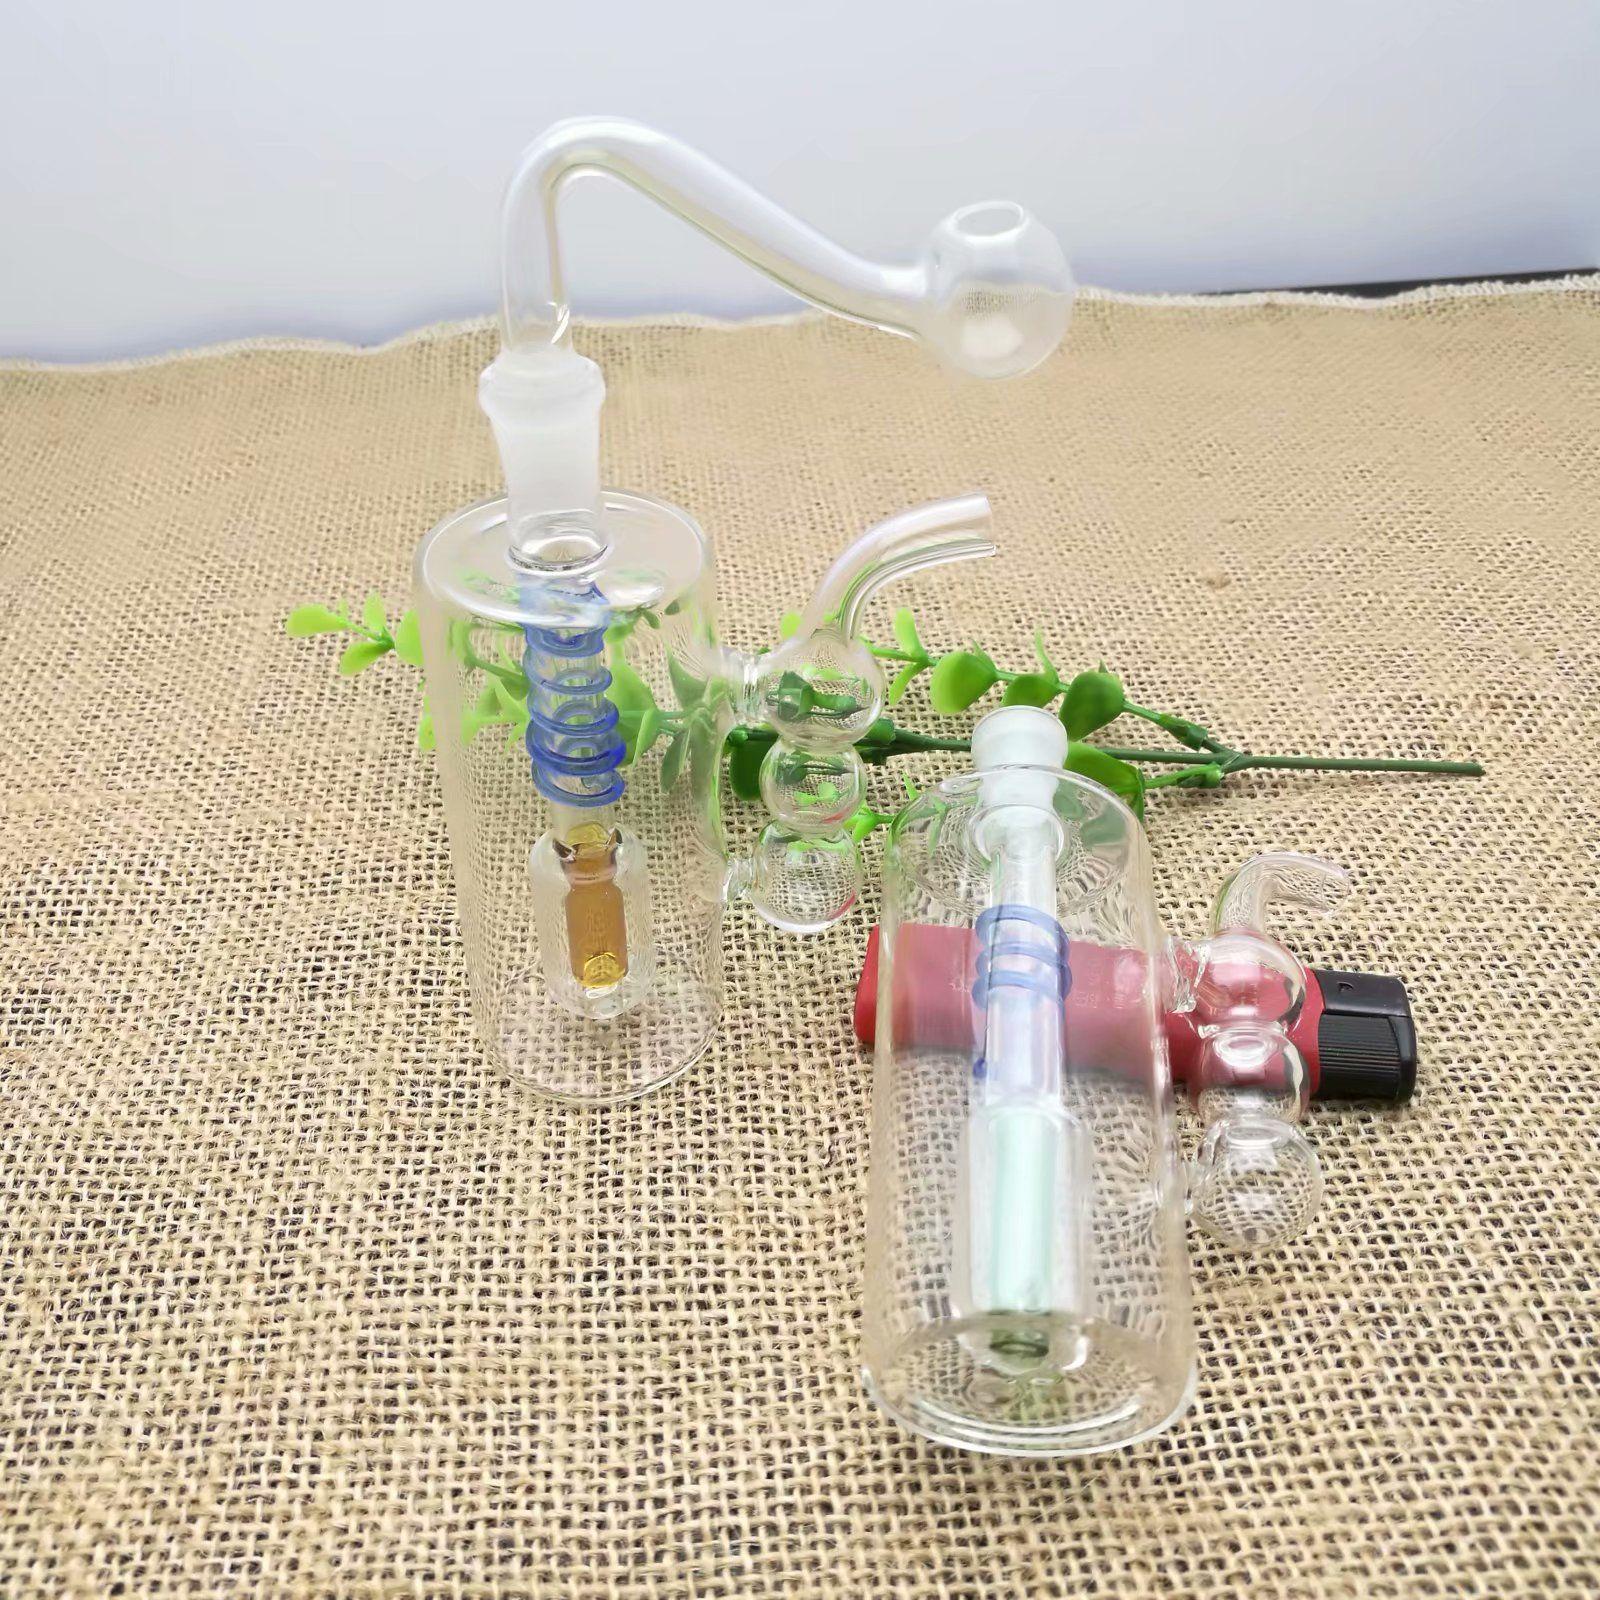 외부 Hulu 요리 실크 유리 담배 냄비 도매 봉 석유 버너 파이프 물 파이프 유리 파이프 오일 렌지 흡연 무료 배송